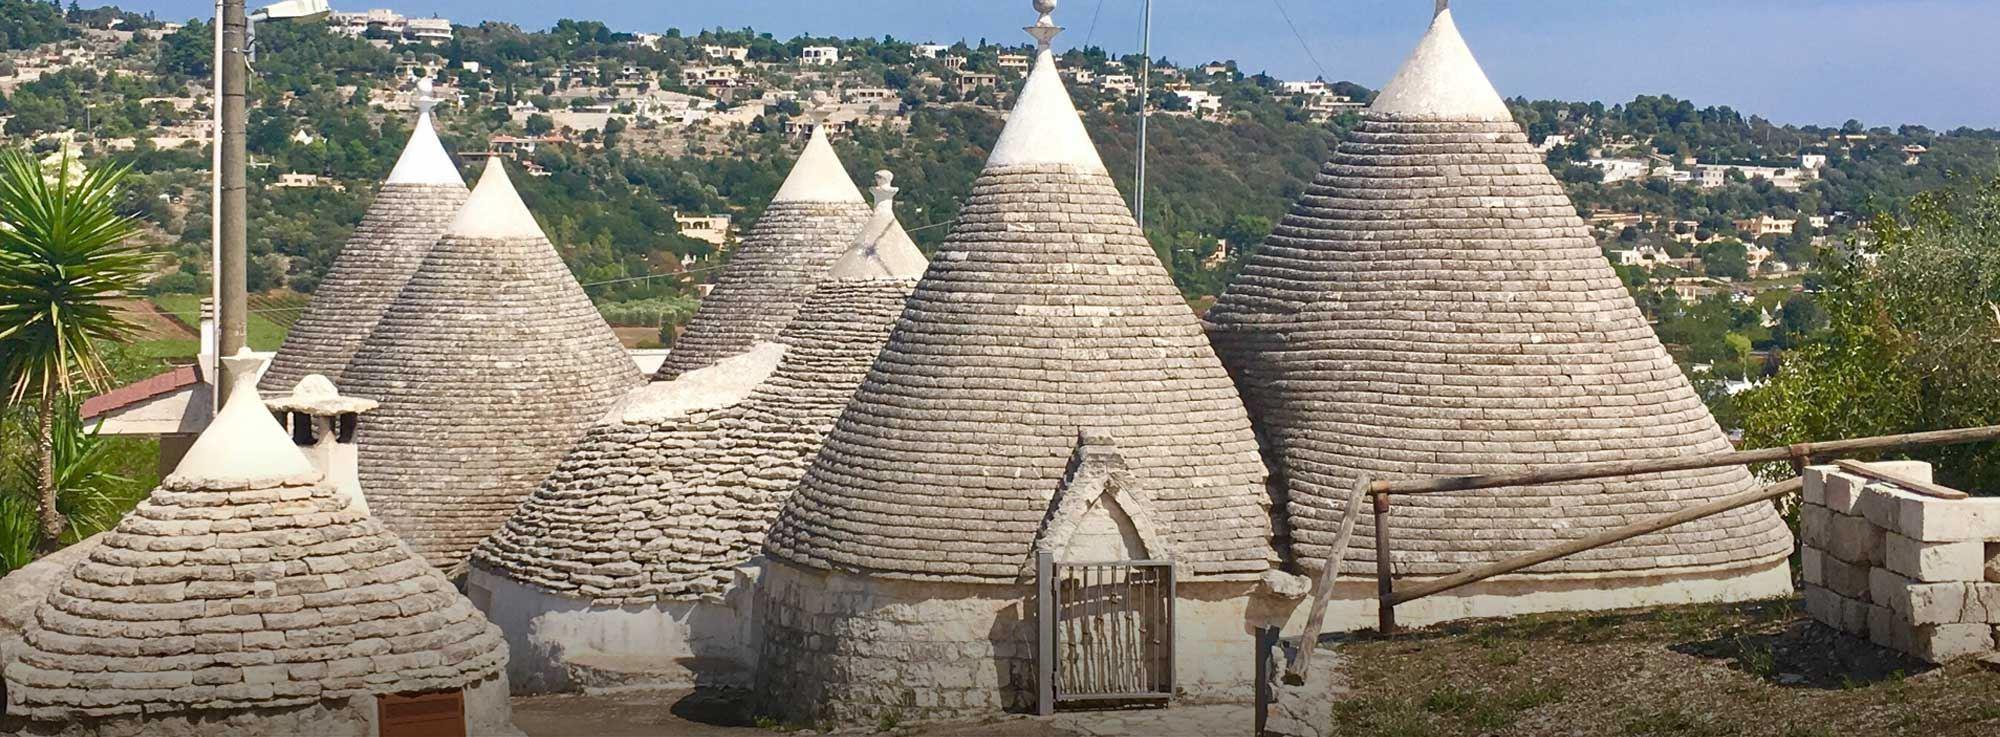 Cocolicchio: Escursione - tra antiche vie, contrade e architetture in pietra